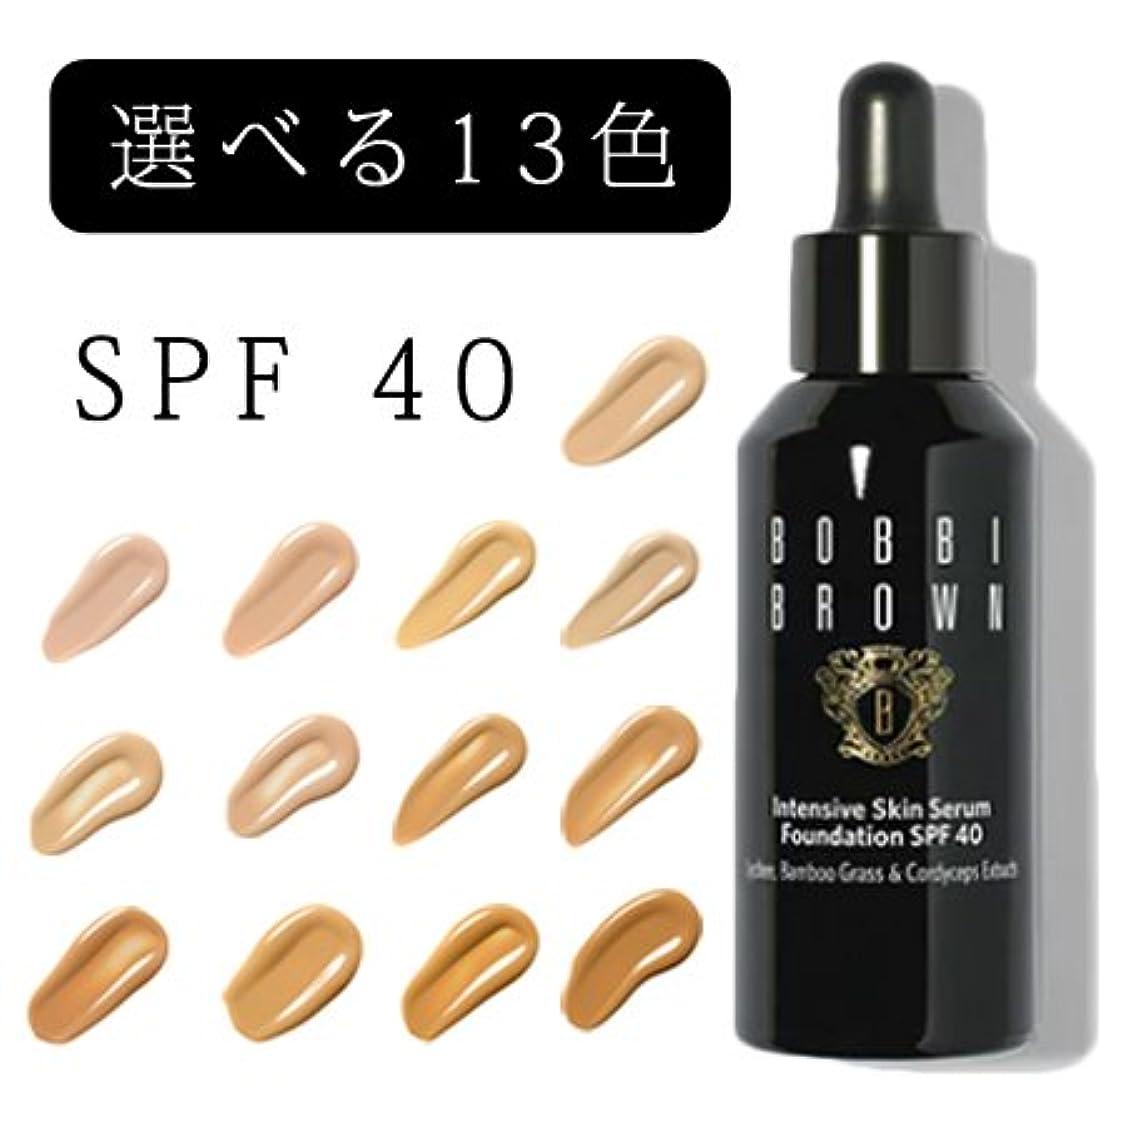 健康頬散歩に行くボビイブラウン インテンシブ スキン セラム ファンデーション SPF 40 (PA++++) 13色展開 -BOBBI BROWN- ウォームサンド(標準色)